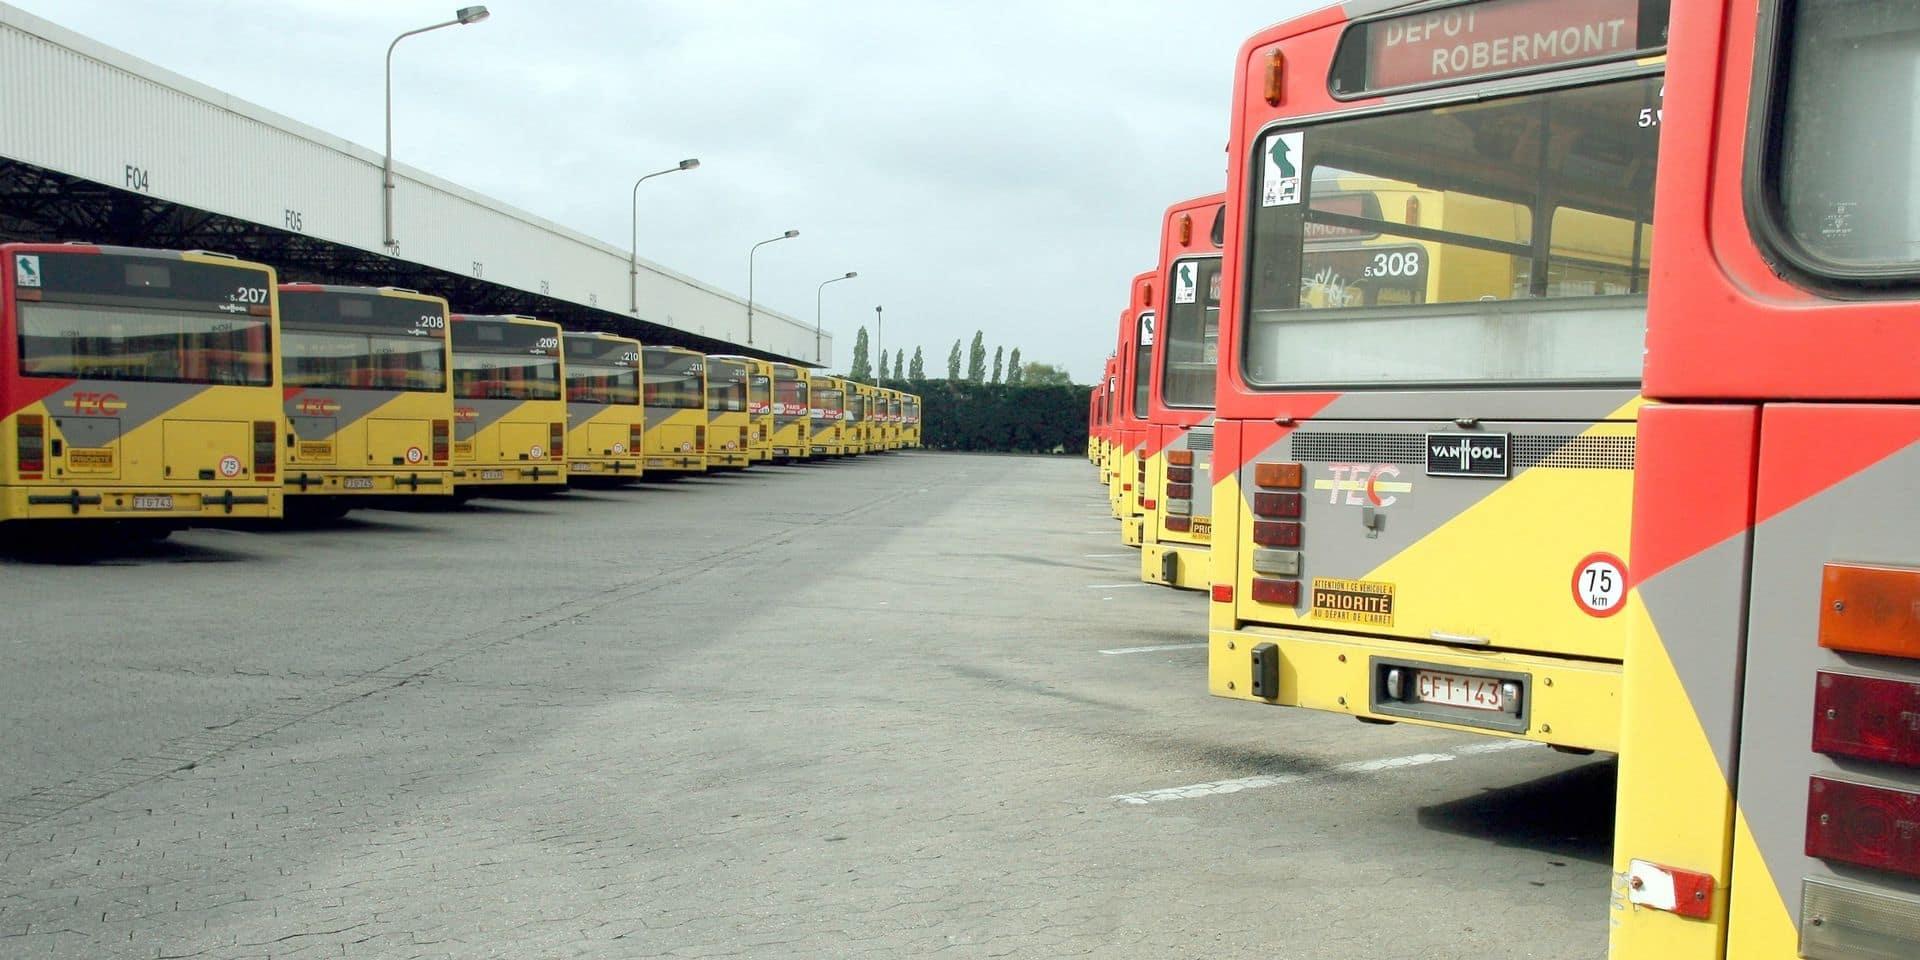 Coronavirus: Les TEC suspendent le transport scolaire à partir de ce mercredi